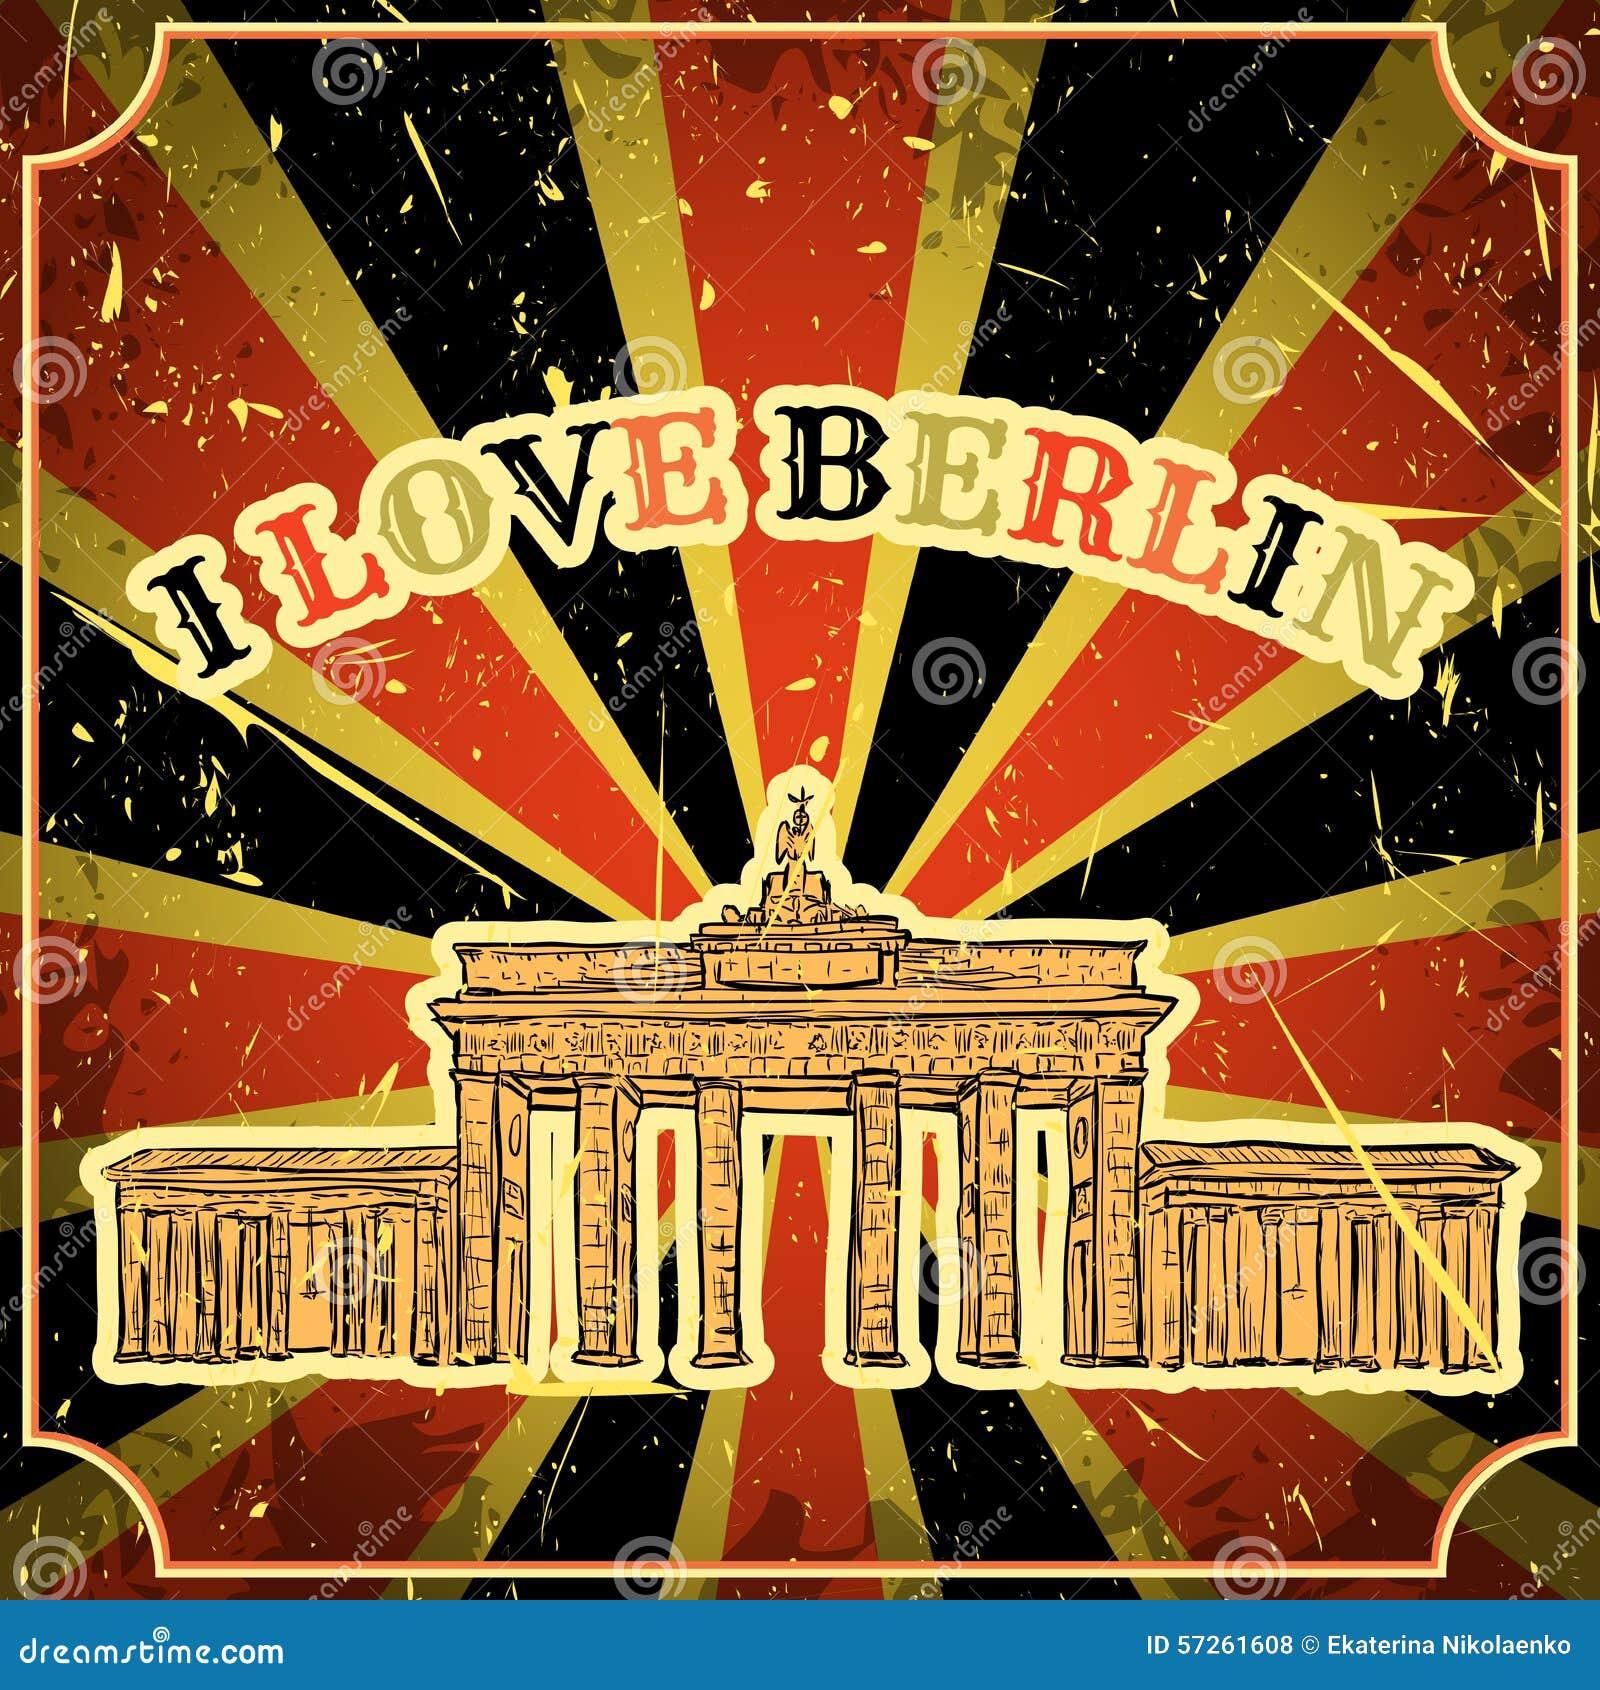 vintage poster with berlin brandenburg gate on the grunge background retro illustration in. Black Bedroom Furniture Sets. Home Design Ideas